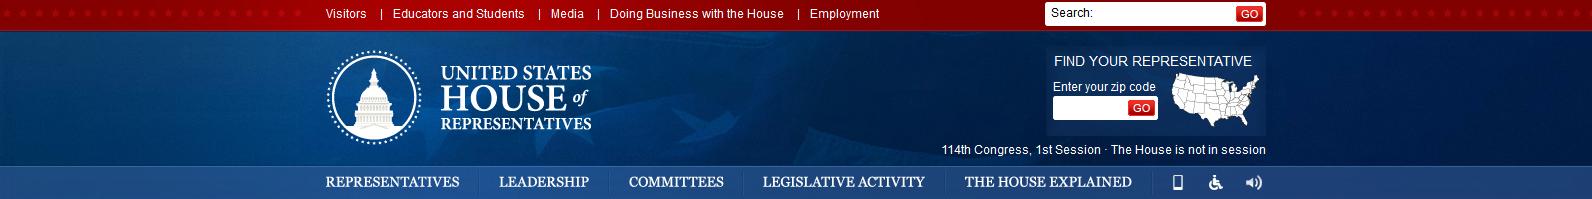 http://www.house.gov/